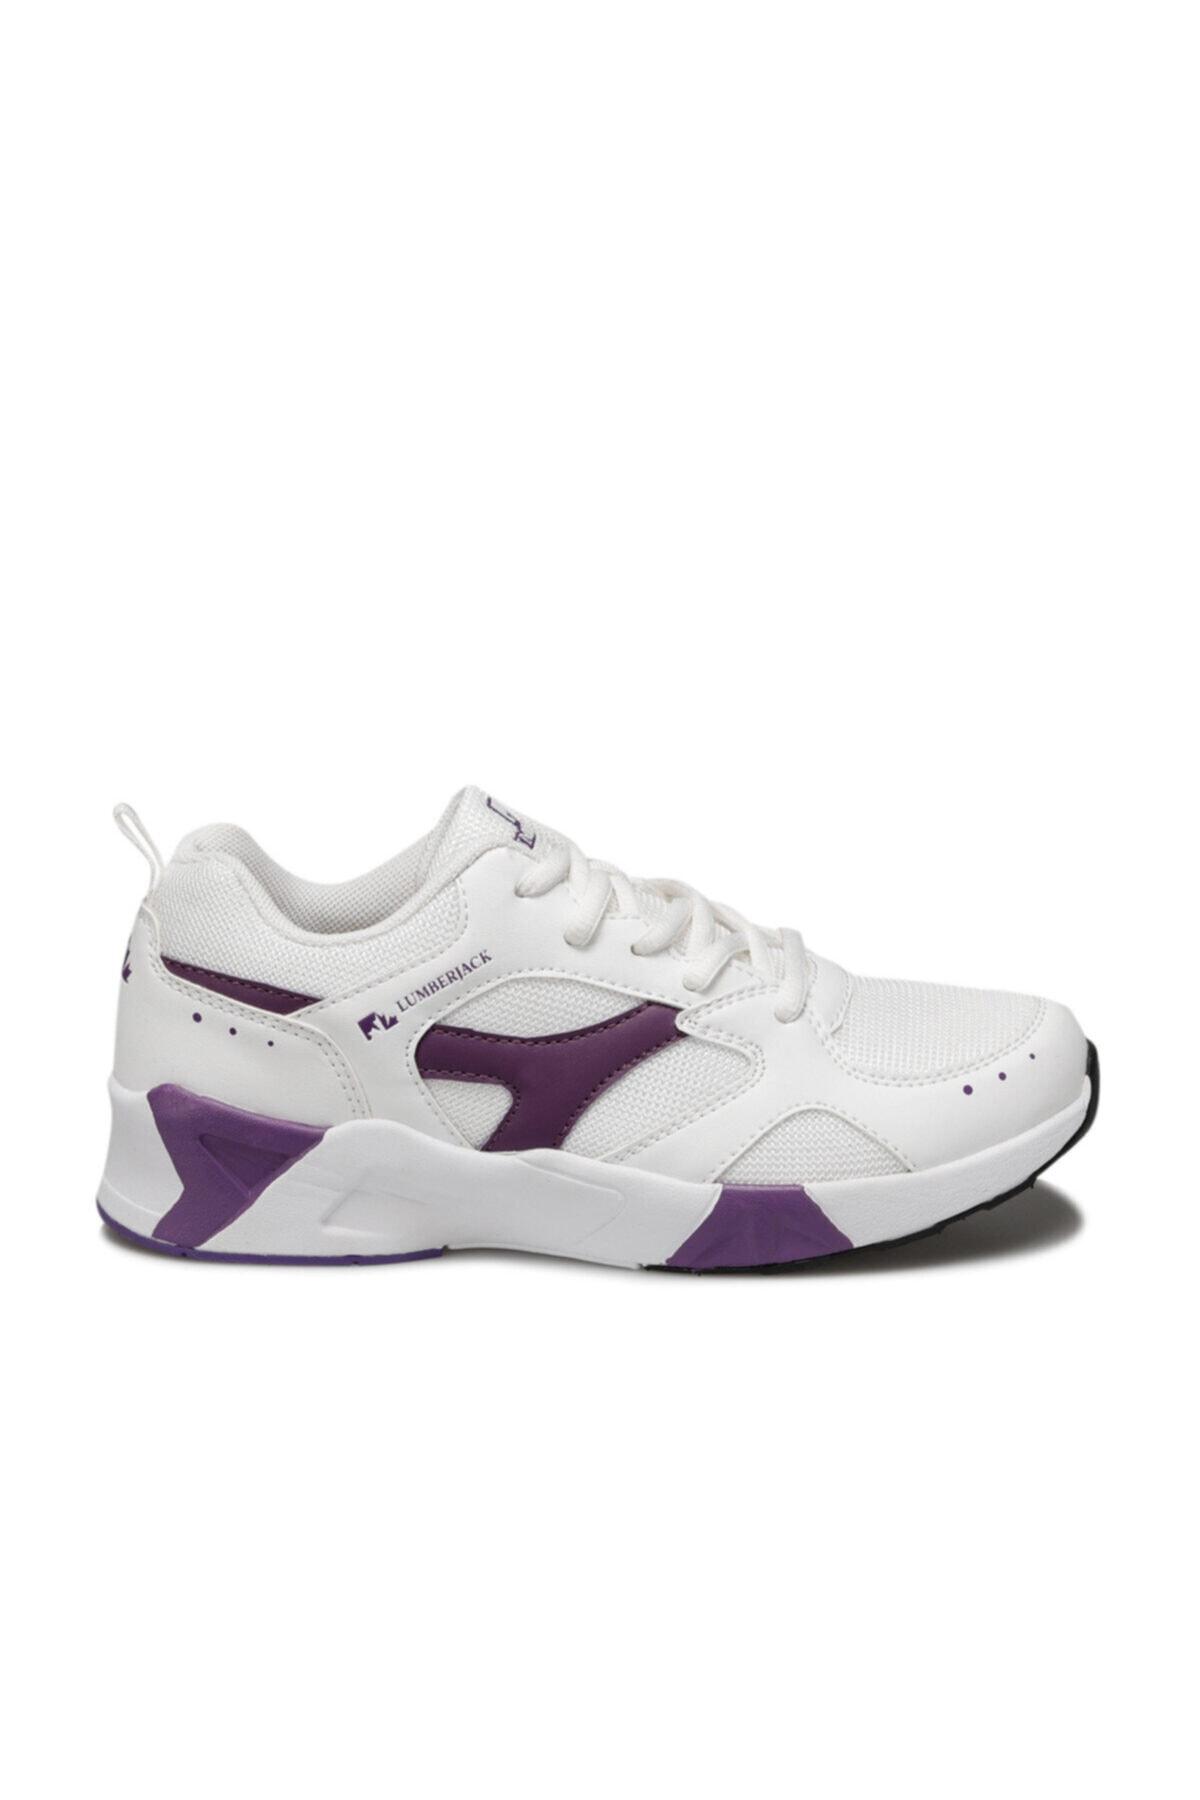 lumberjack Blossom Beyaz Kadın Sneaker Ayakkabı 2